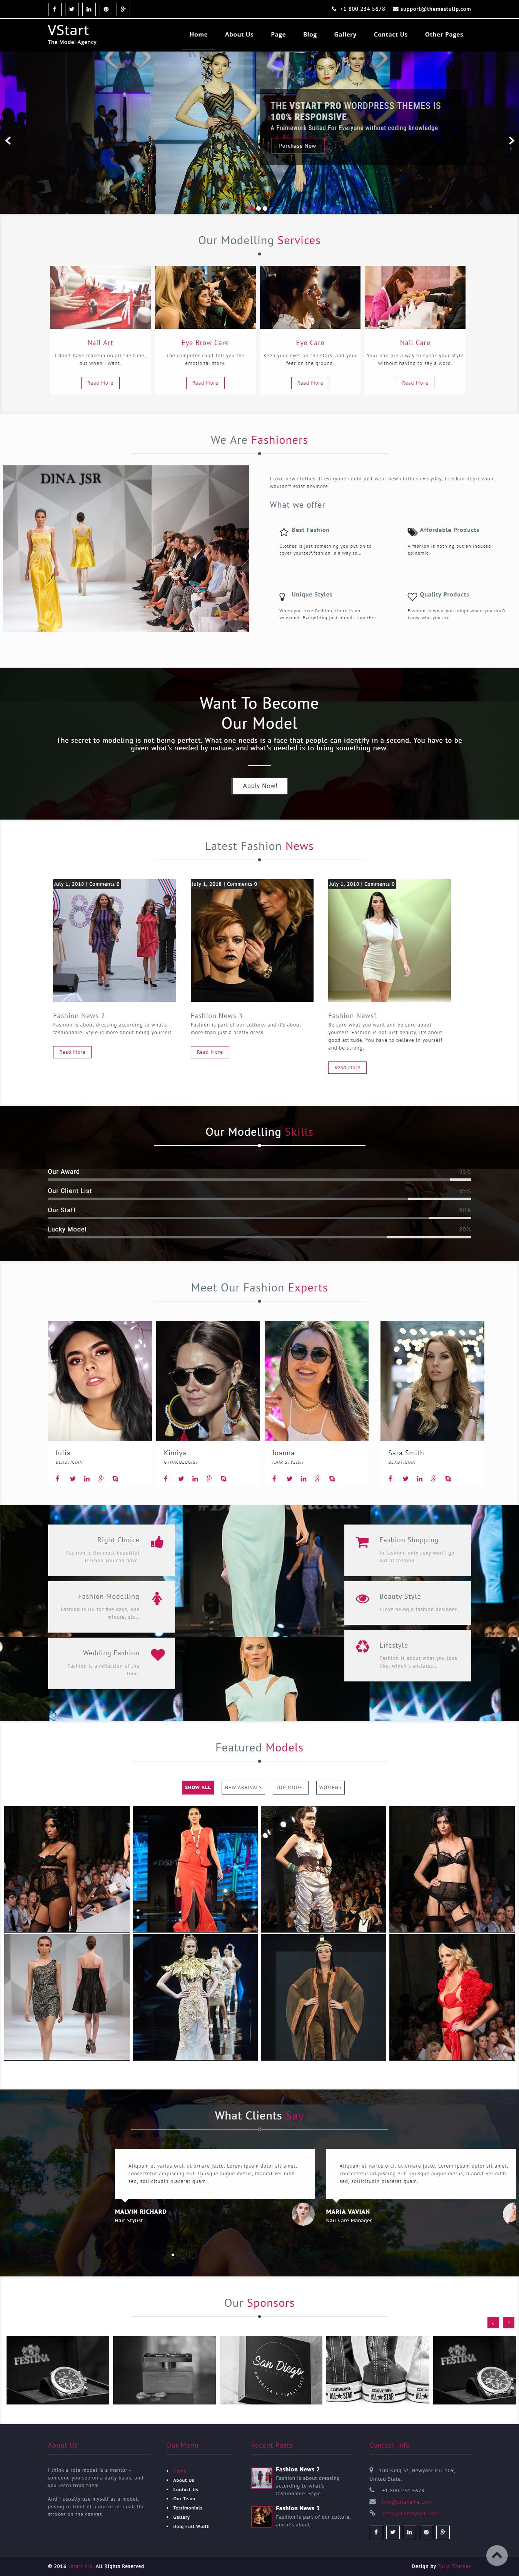 VStart - El mejor tema gratuito de WordPress de moda